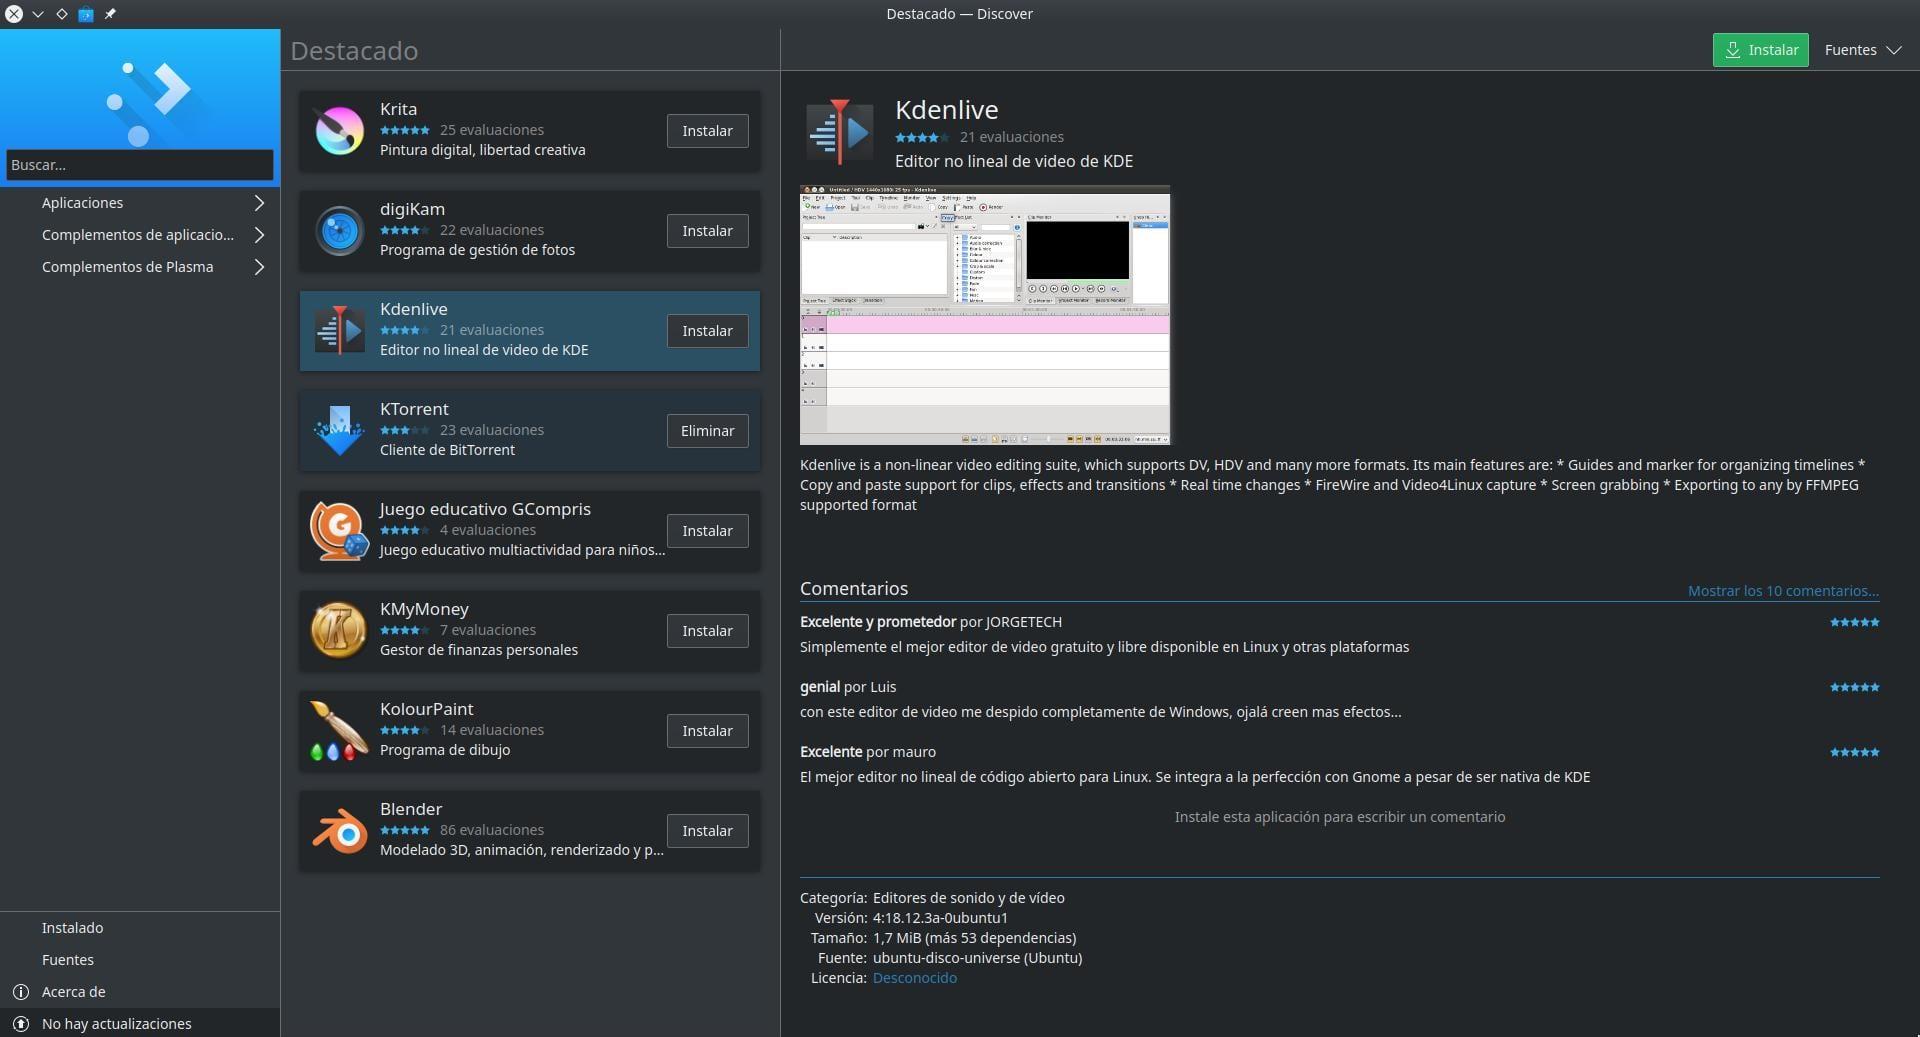 Kdenlive 18.2.3 versión APT en Discover